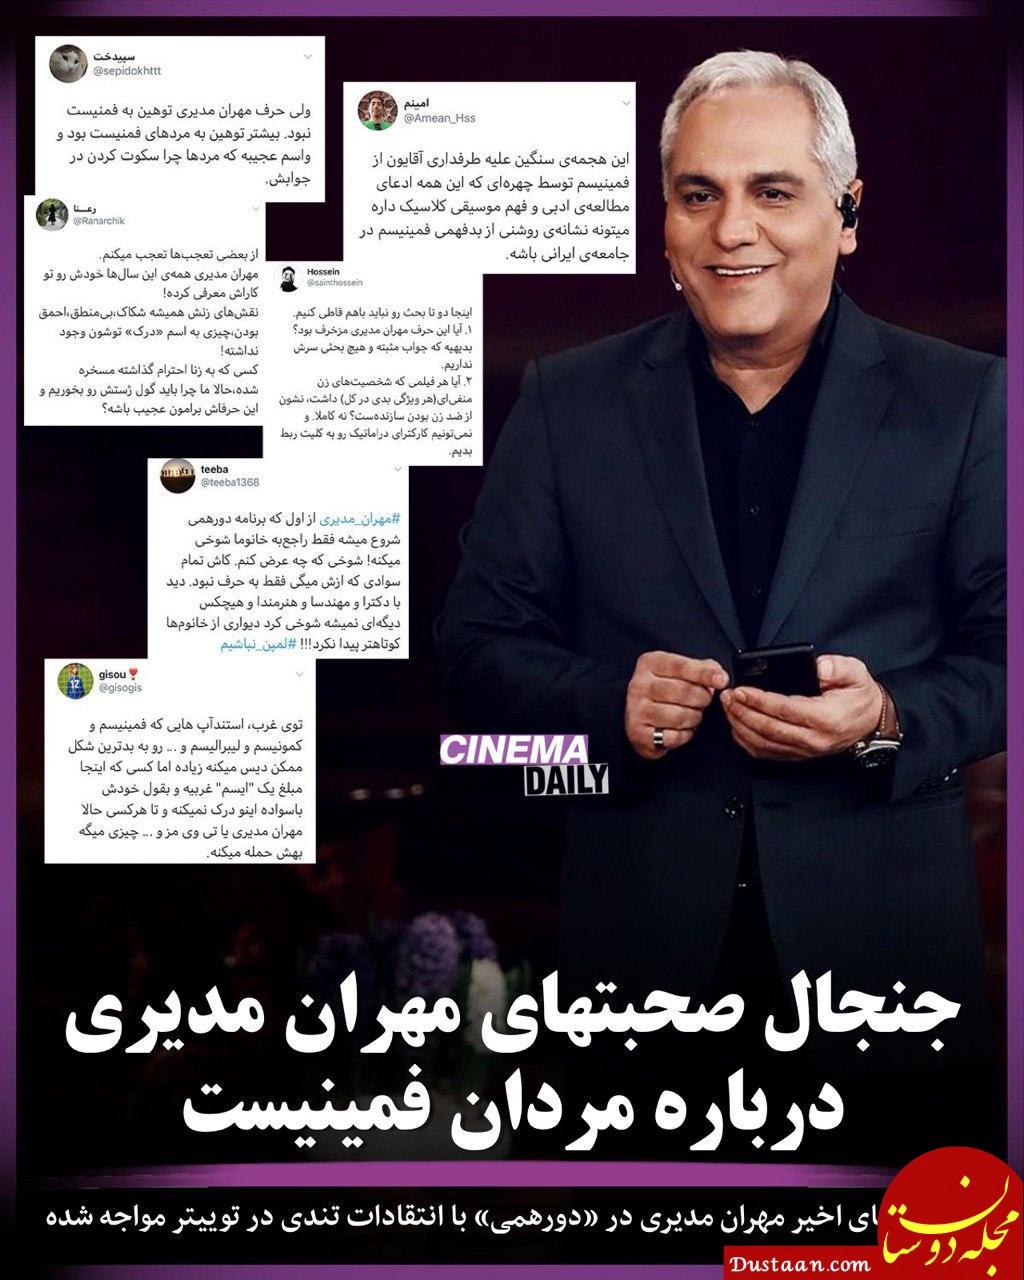 جنجال صحبت های مهران مدیری علیه مردان فمینیست